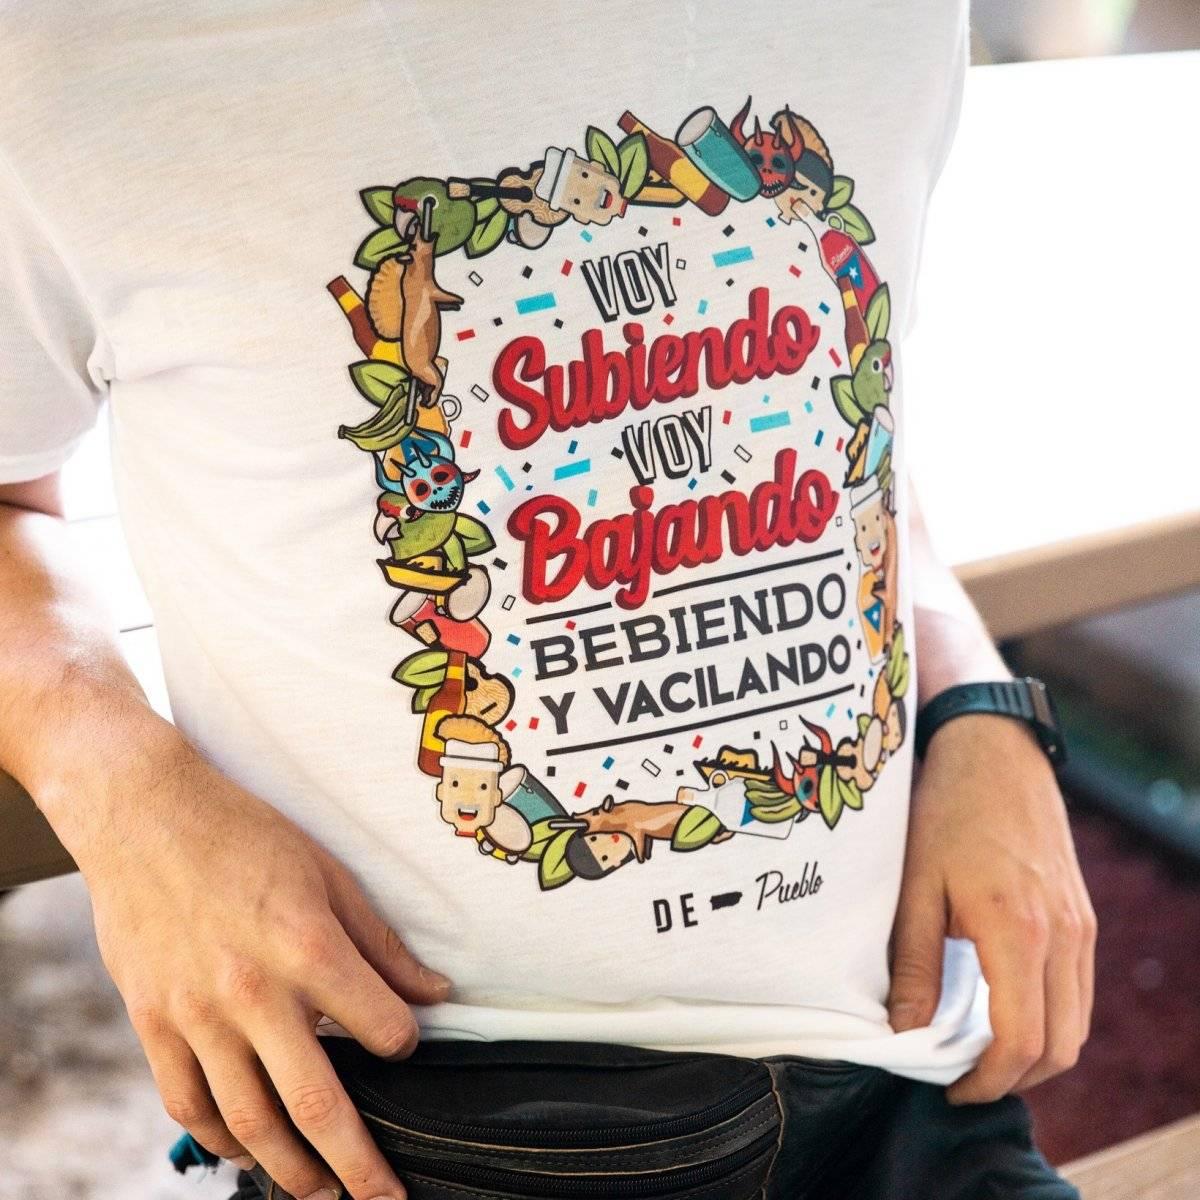 Las camisas De Pueblo las puedes adquirir en el DUTY FREE del Aeropuerto Internacional Luis Muñoz Marín o en la página web www.shopdepueblo.com. También puede adquirirlas comunicándose al 787-998-5660. / Suministrada